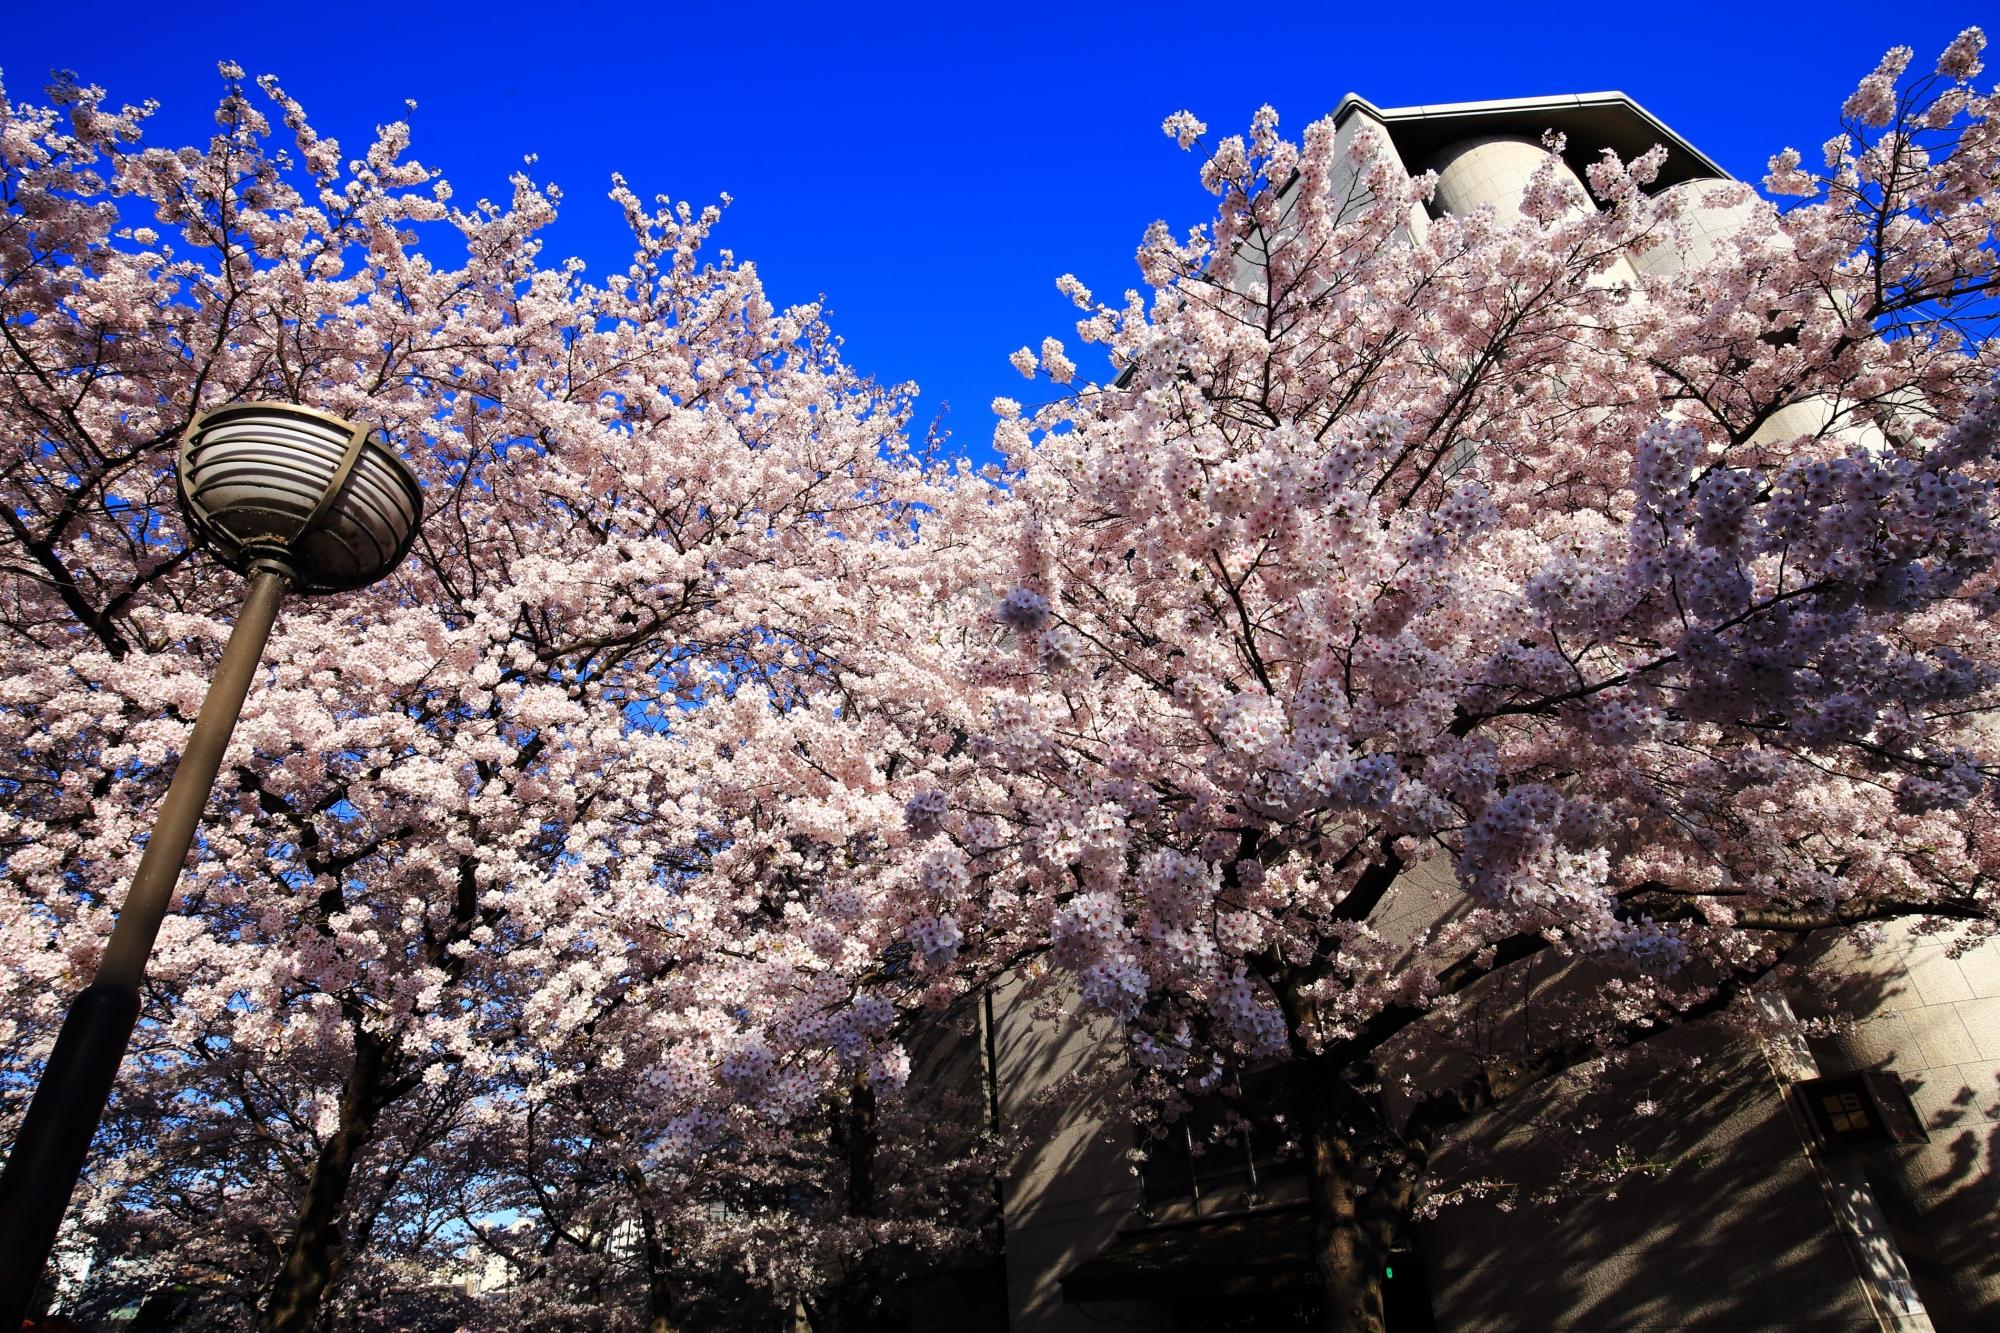 青空を豪快に彩る祇園白川の華やかな桜